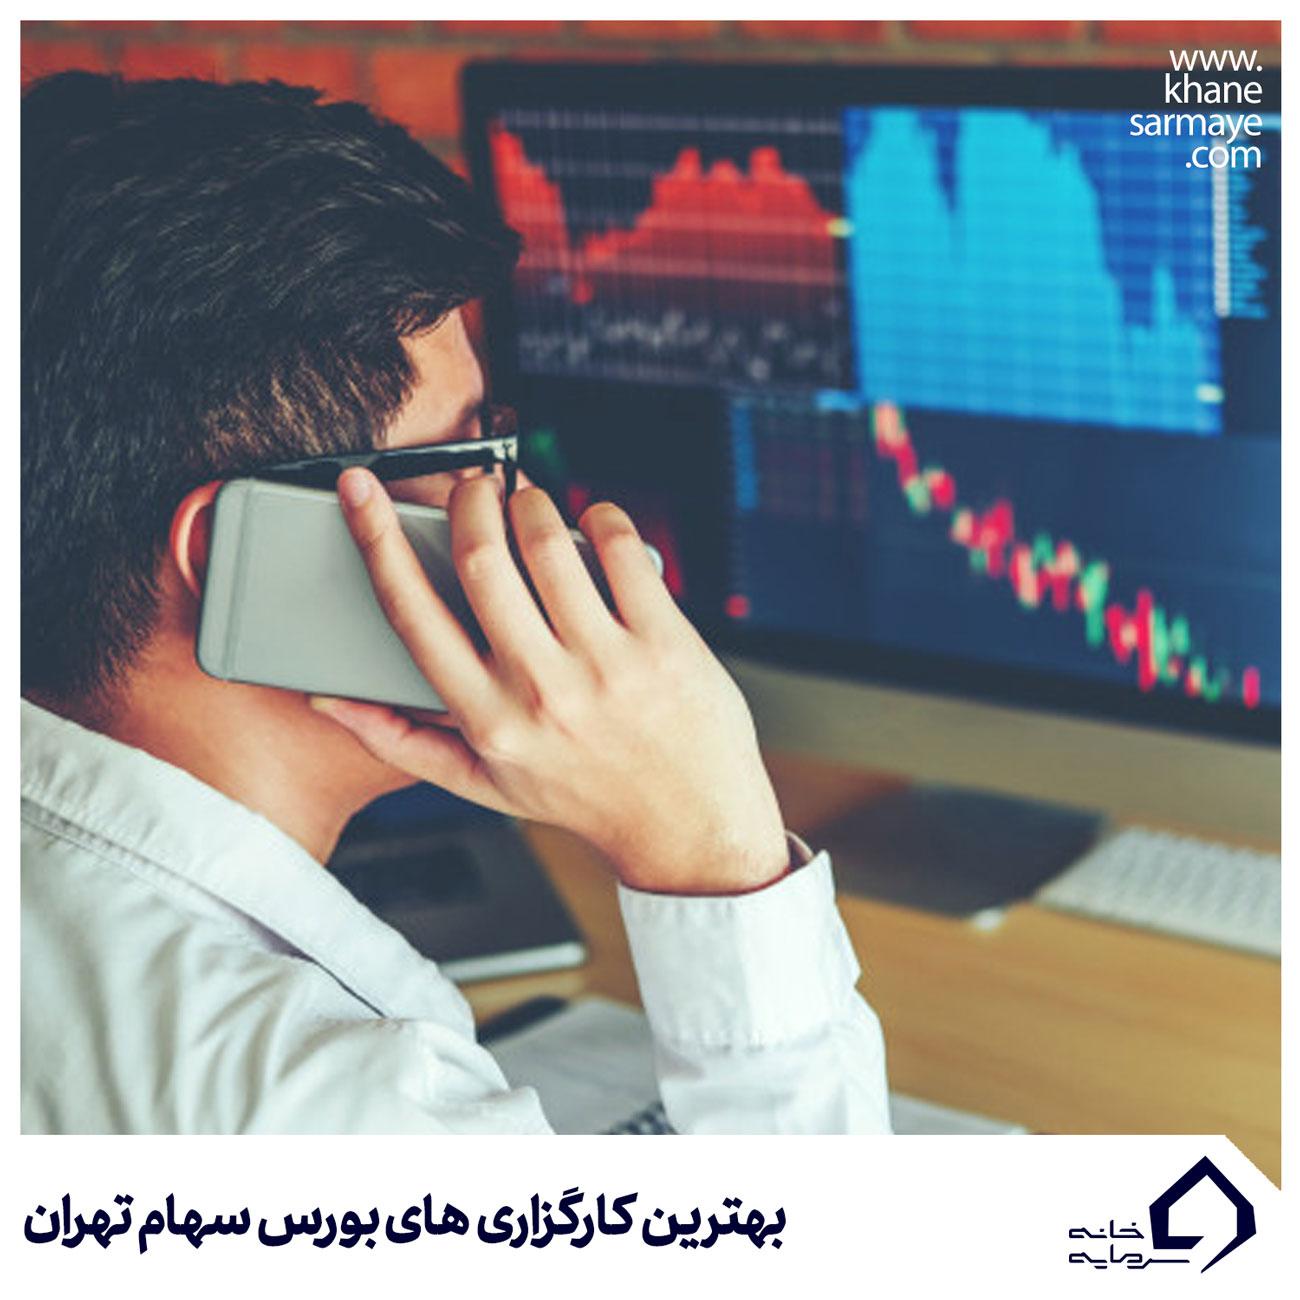 بهترین کارگزاری های بورس سهام تهران